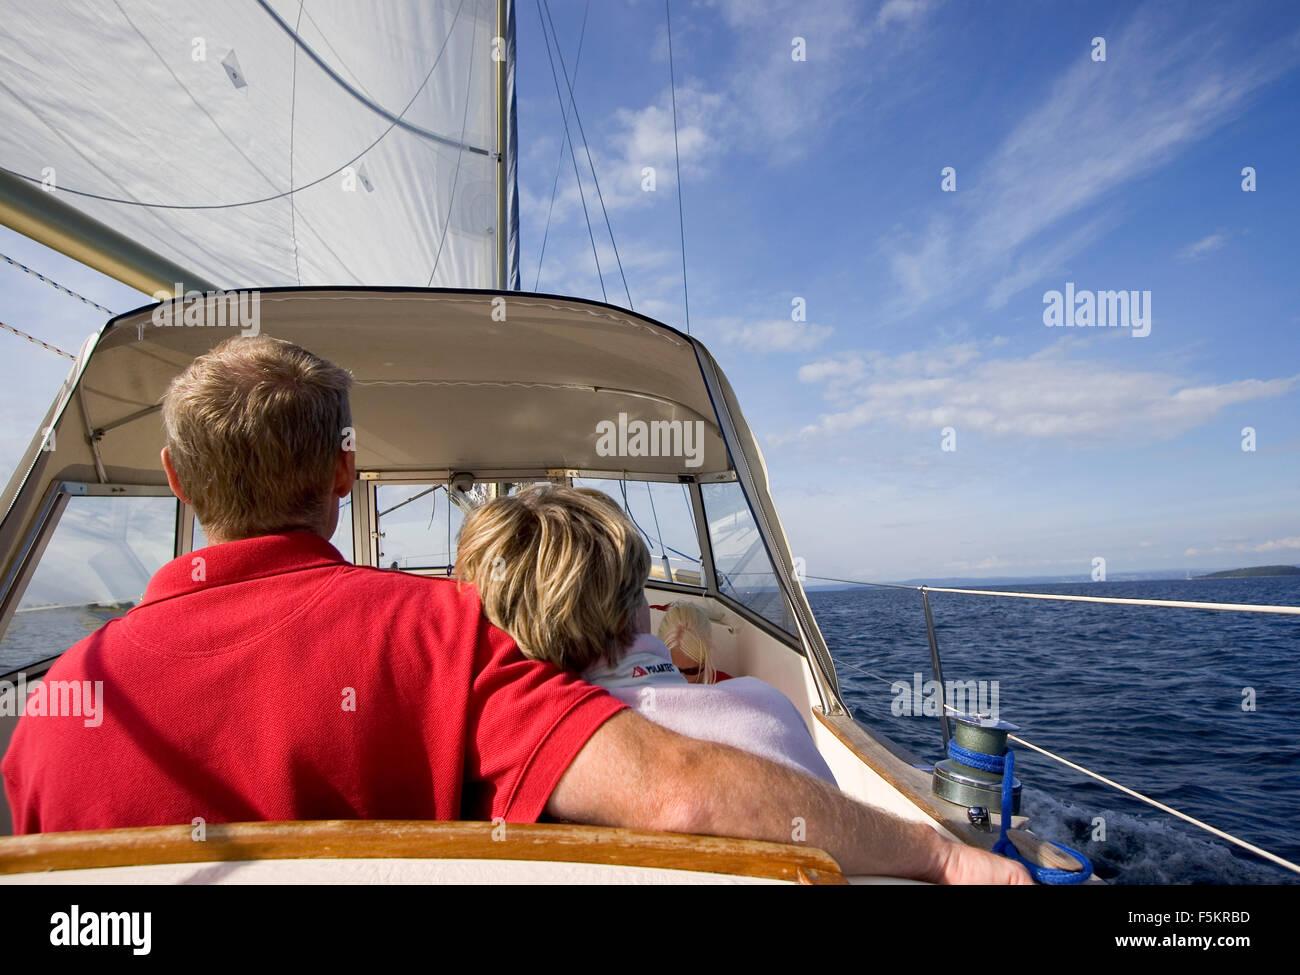 La Svezia, Bohuslan, Reare vista della vela giovane Immagini Stock